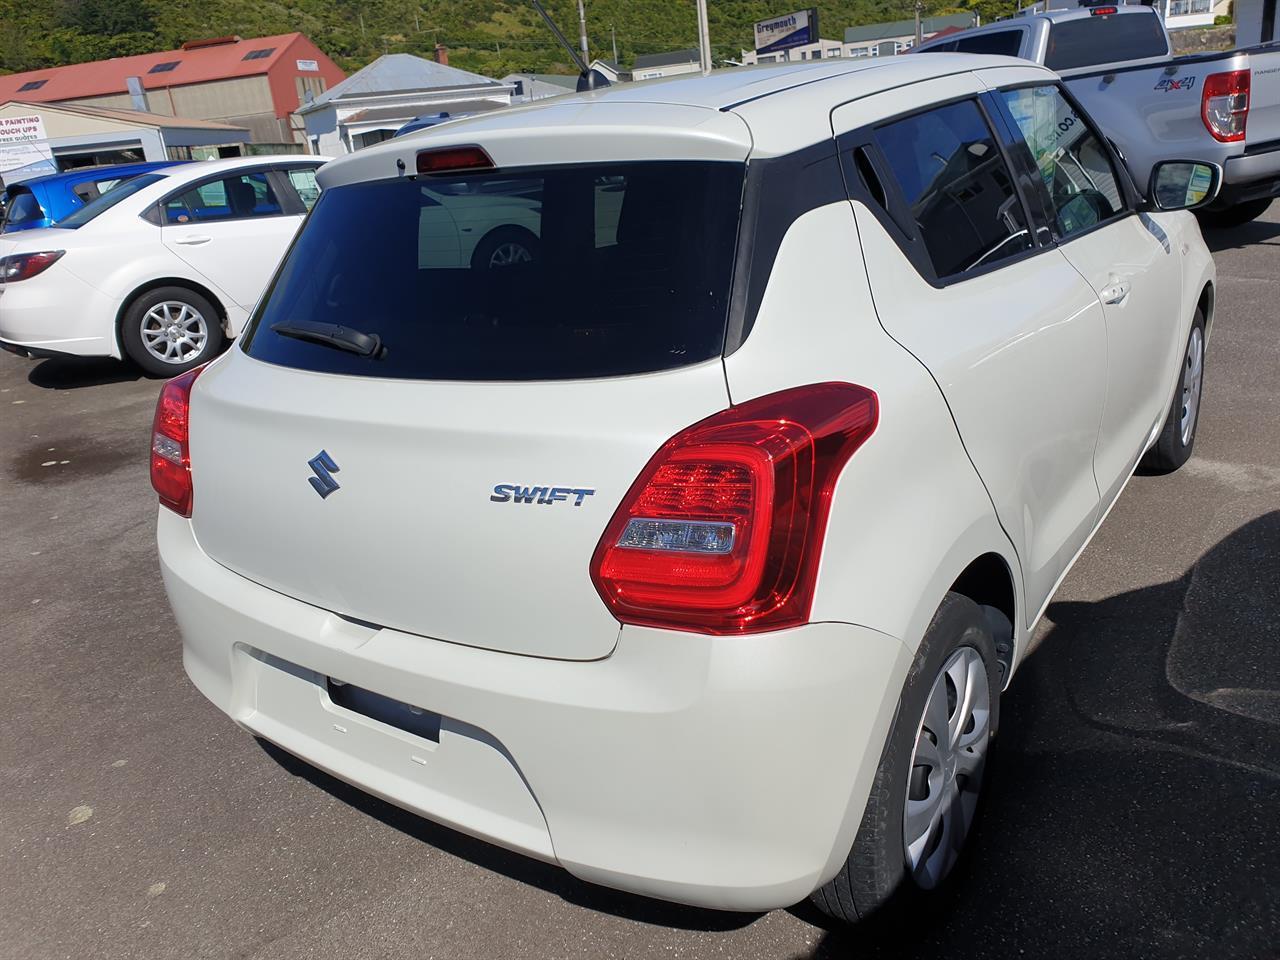 image-6, 2018 Suzuki Swift at Greymouth